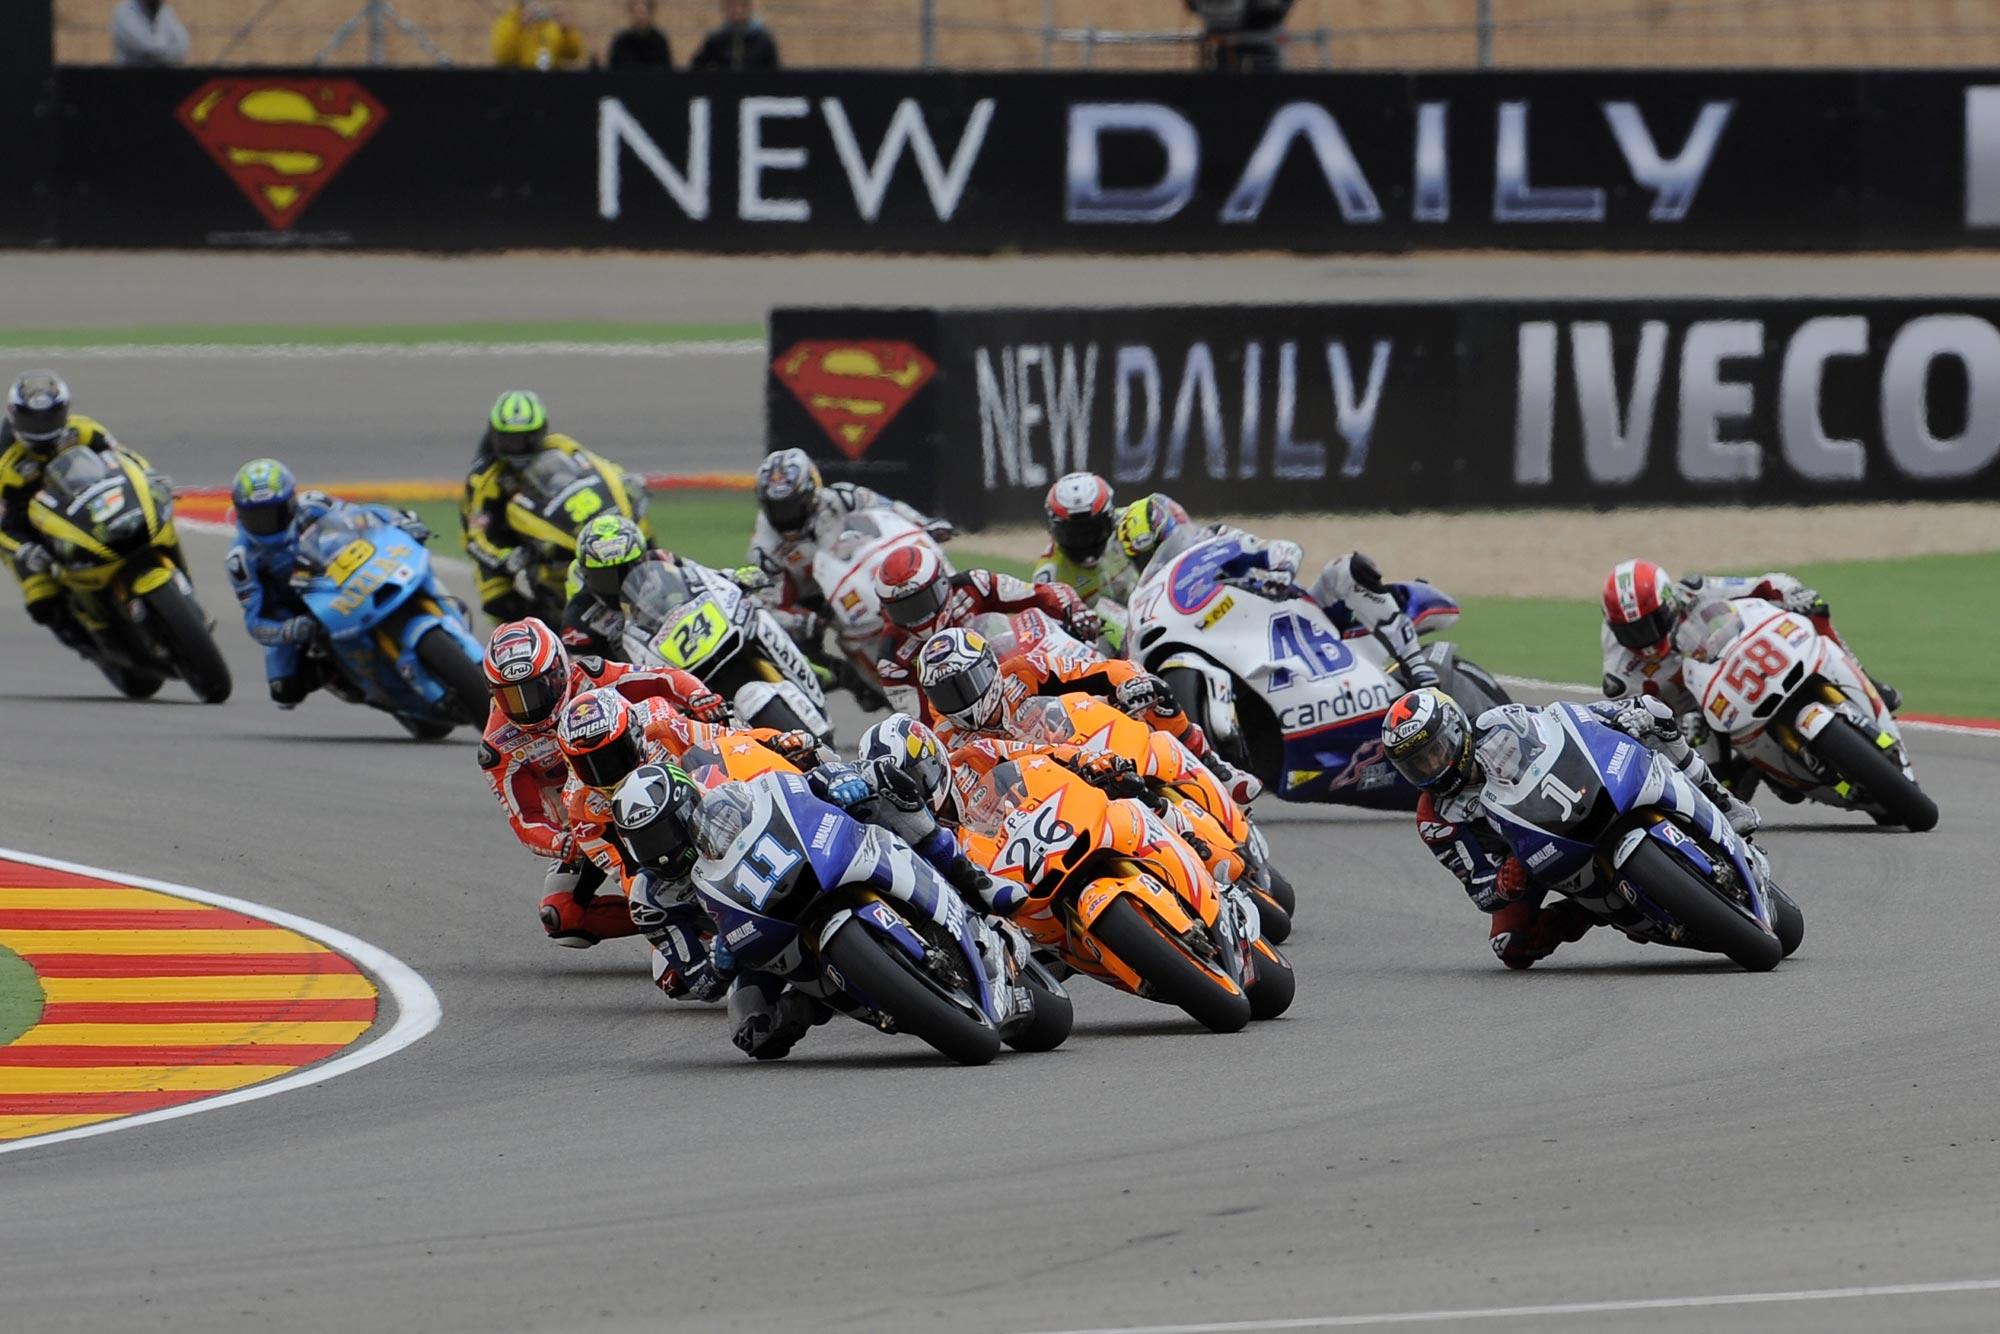 Motogp Practice Motogp Qualifying Time